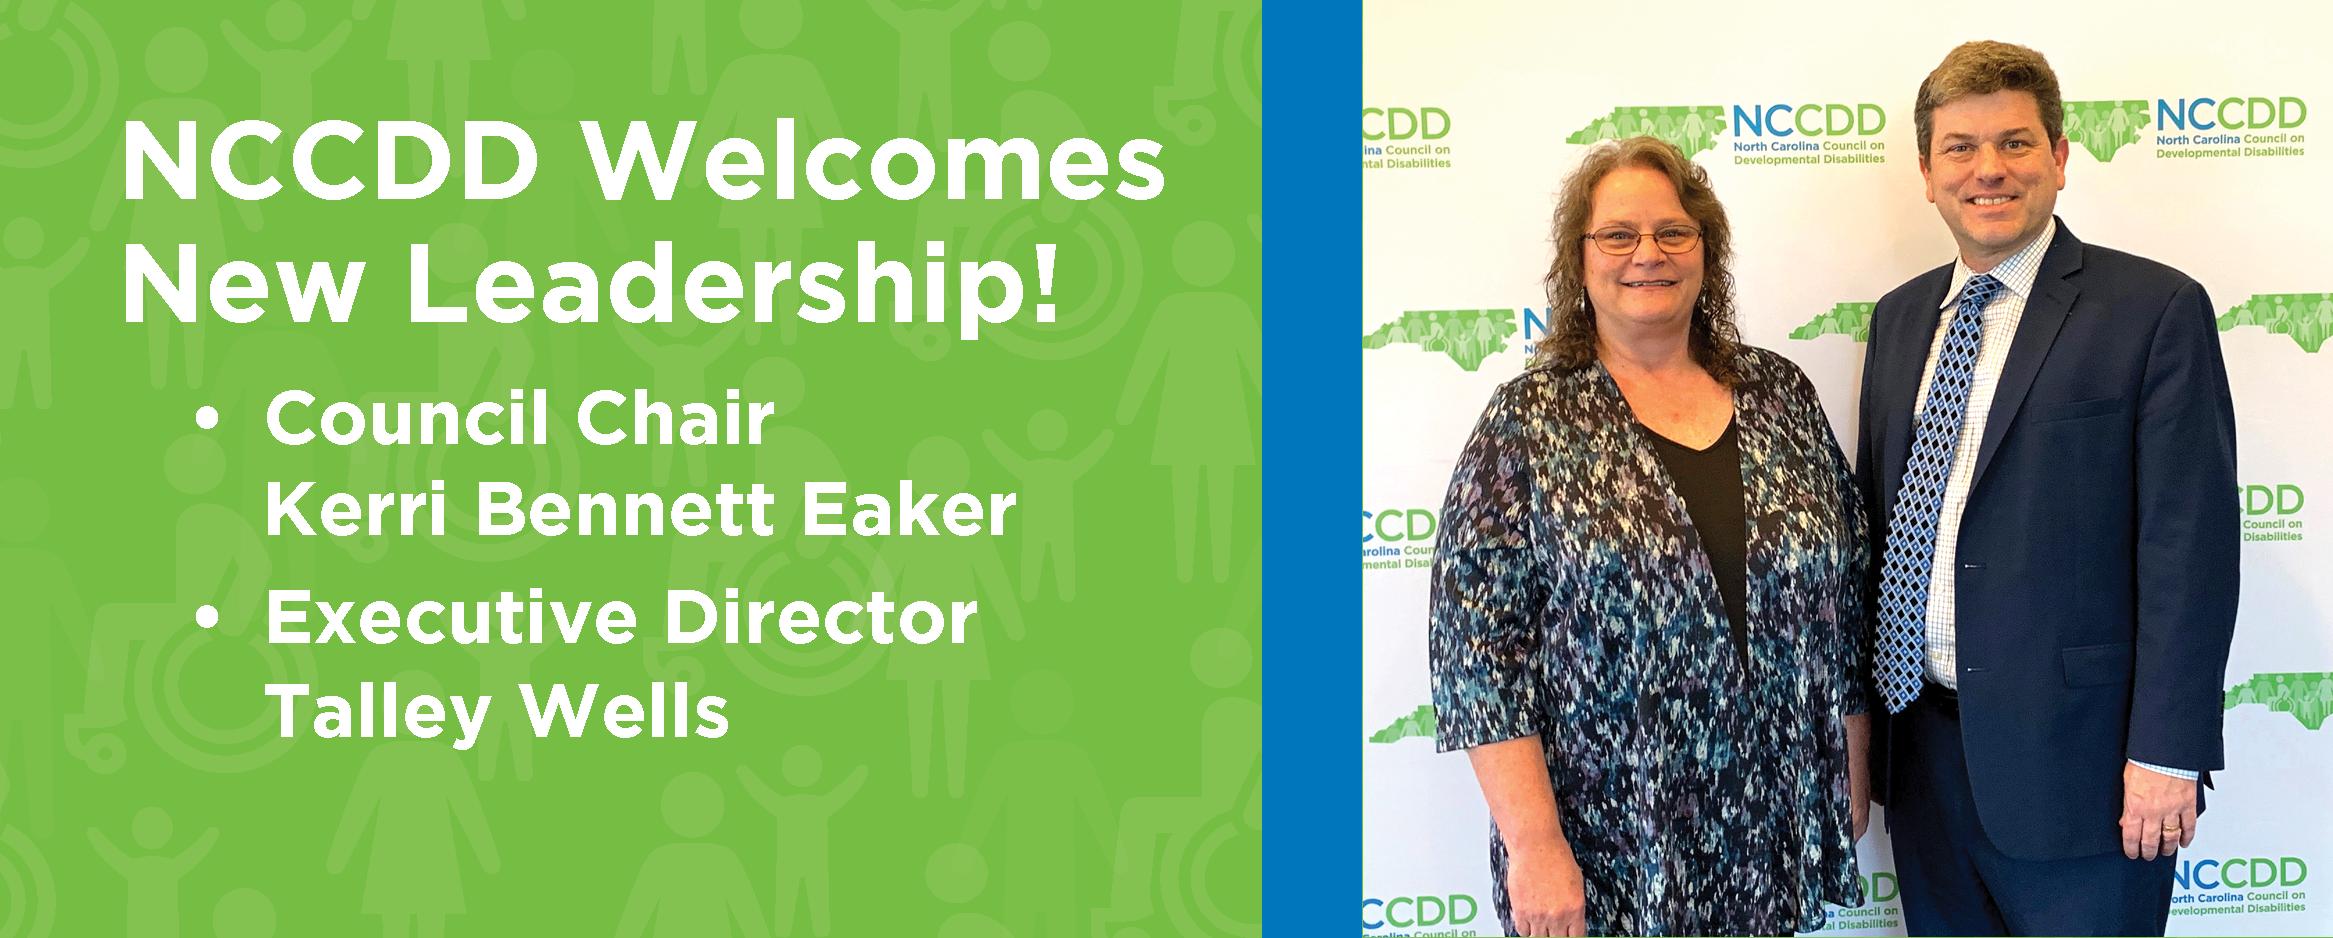 NCCDD Welcomes New Leadership! Council Chair Kerri Bennett Eaker & Executive Director Talley Wells